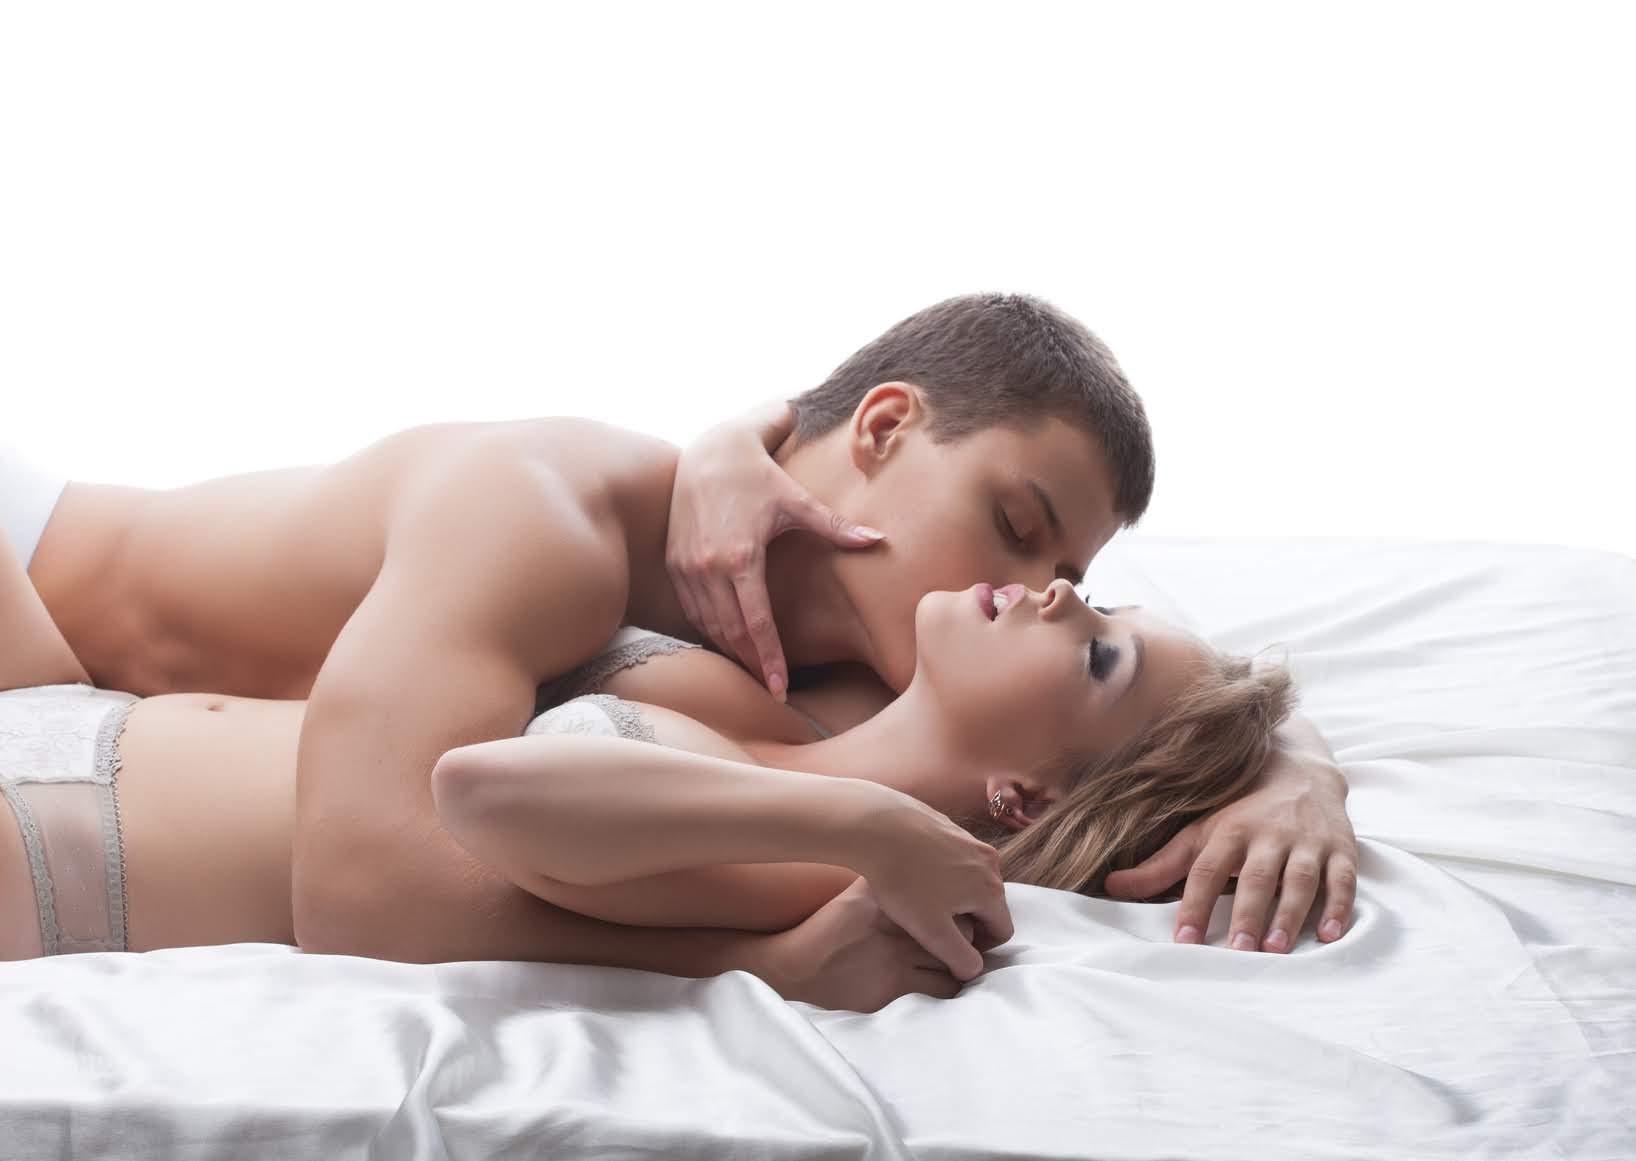 Sexo é pecado?